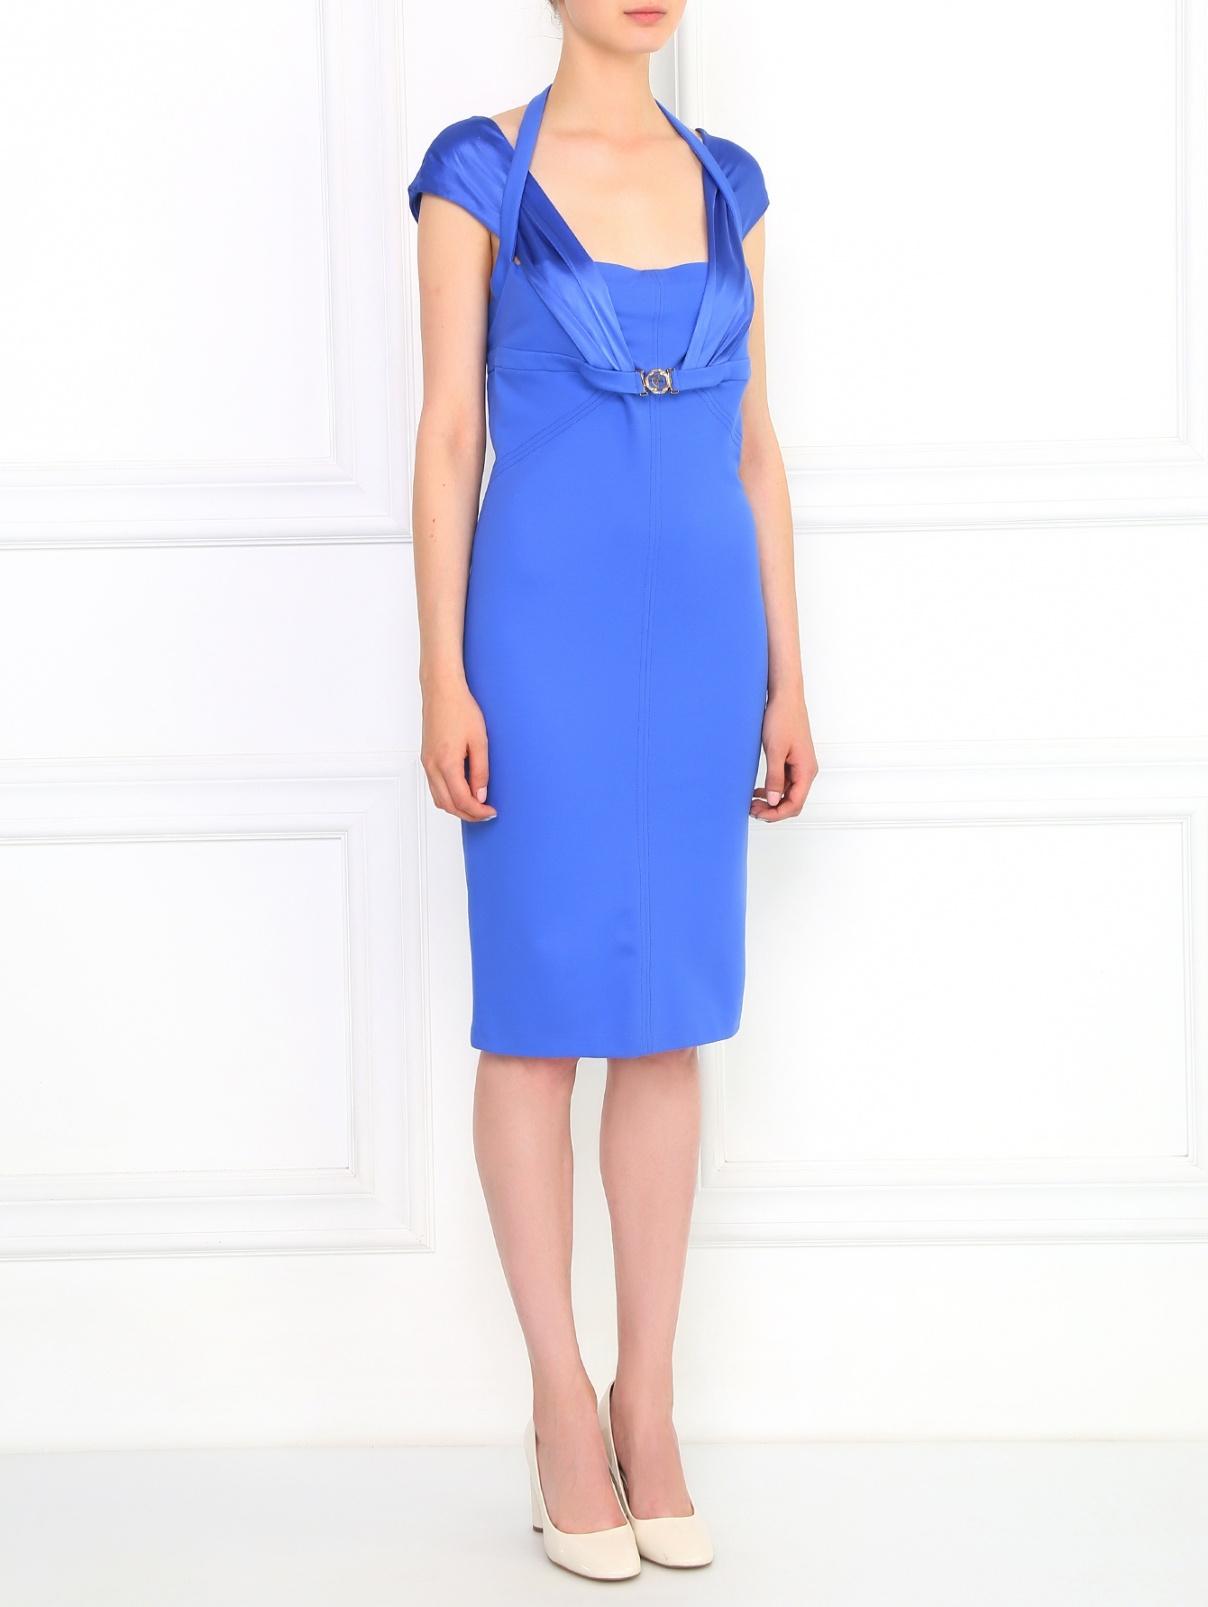 Трикотажное платье-мини на широких бретелях Versace Collection  –  Модель Общий вид  – Цвет:  Синий